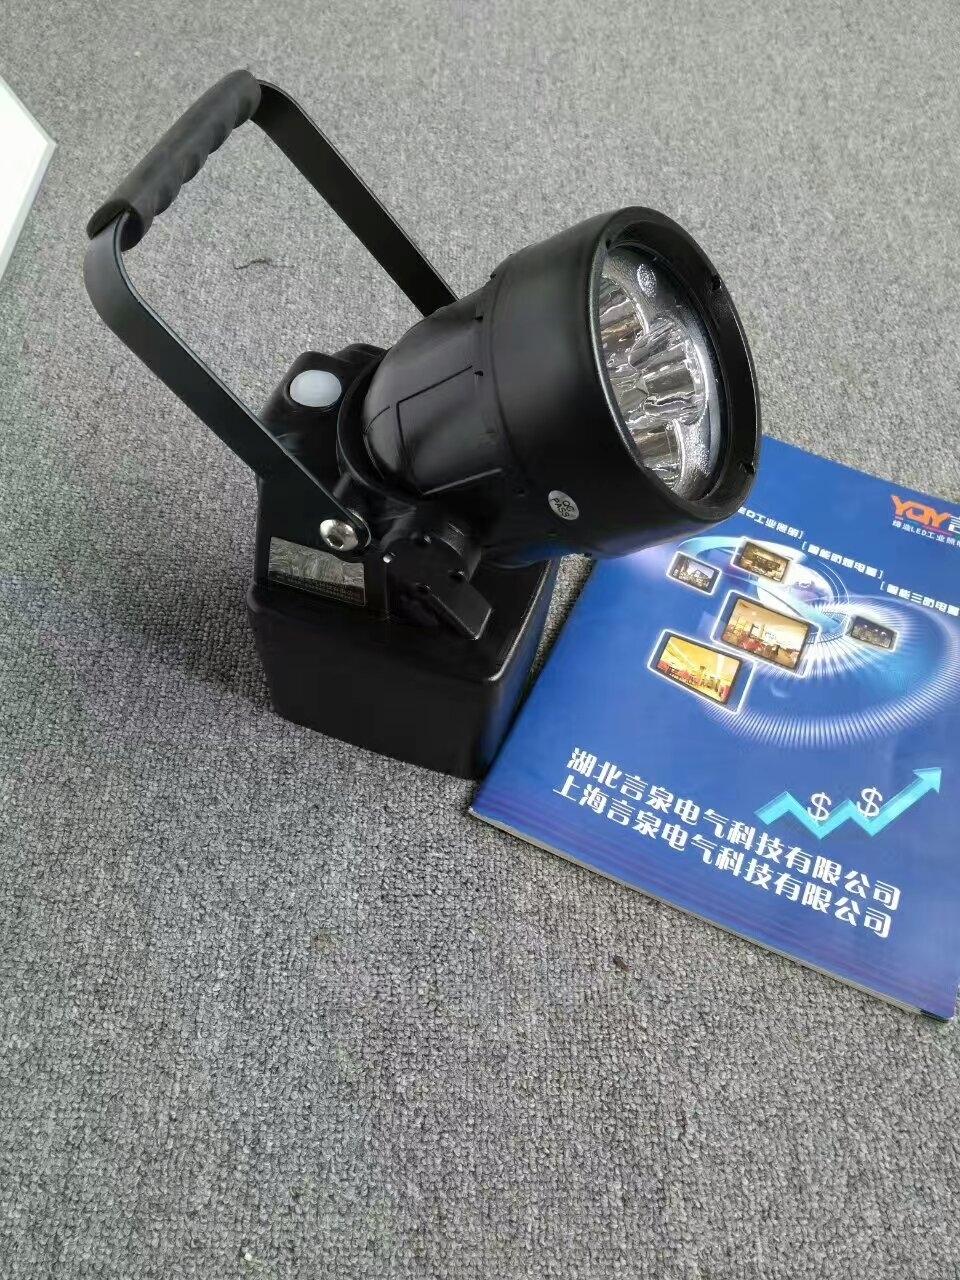 言泉SW2511-3x3w磁吸附多功能强光工作灯